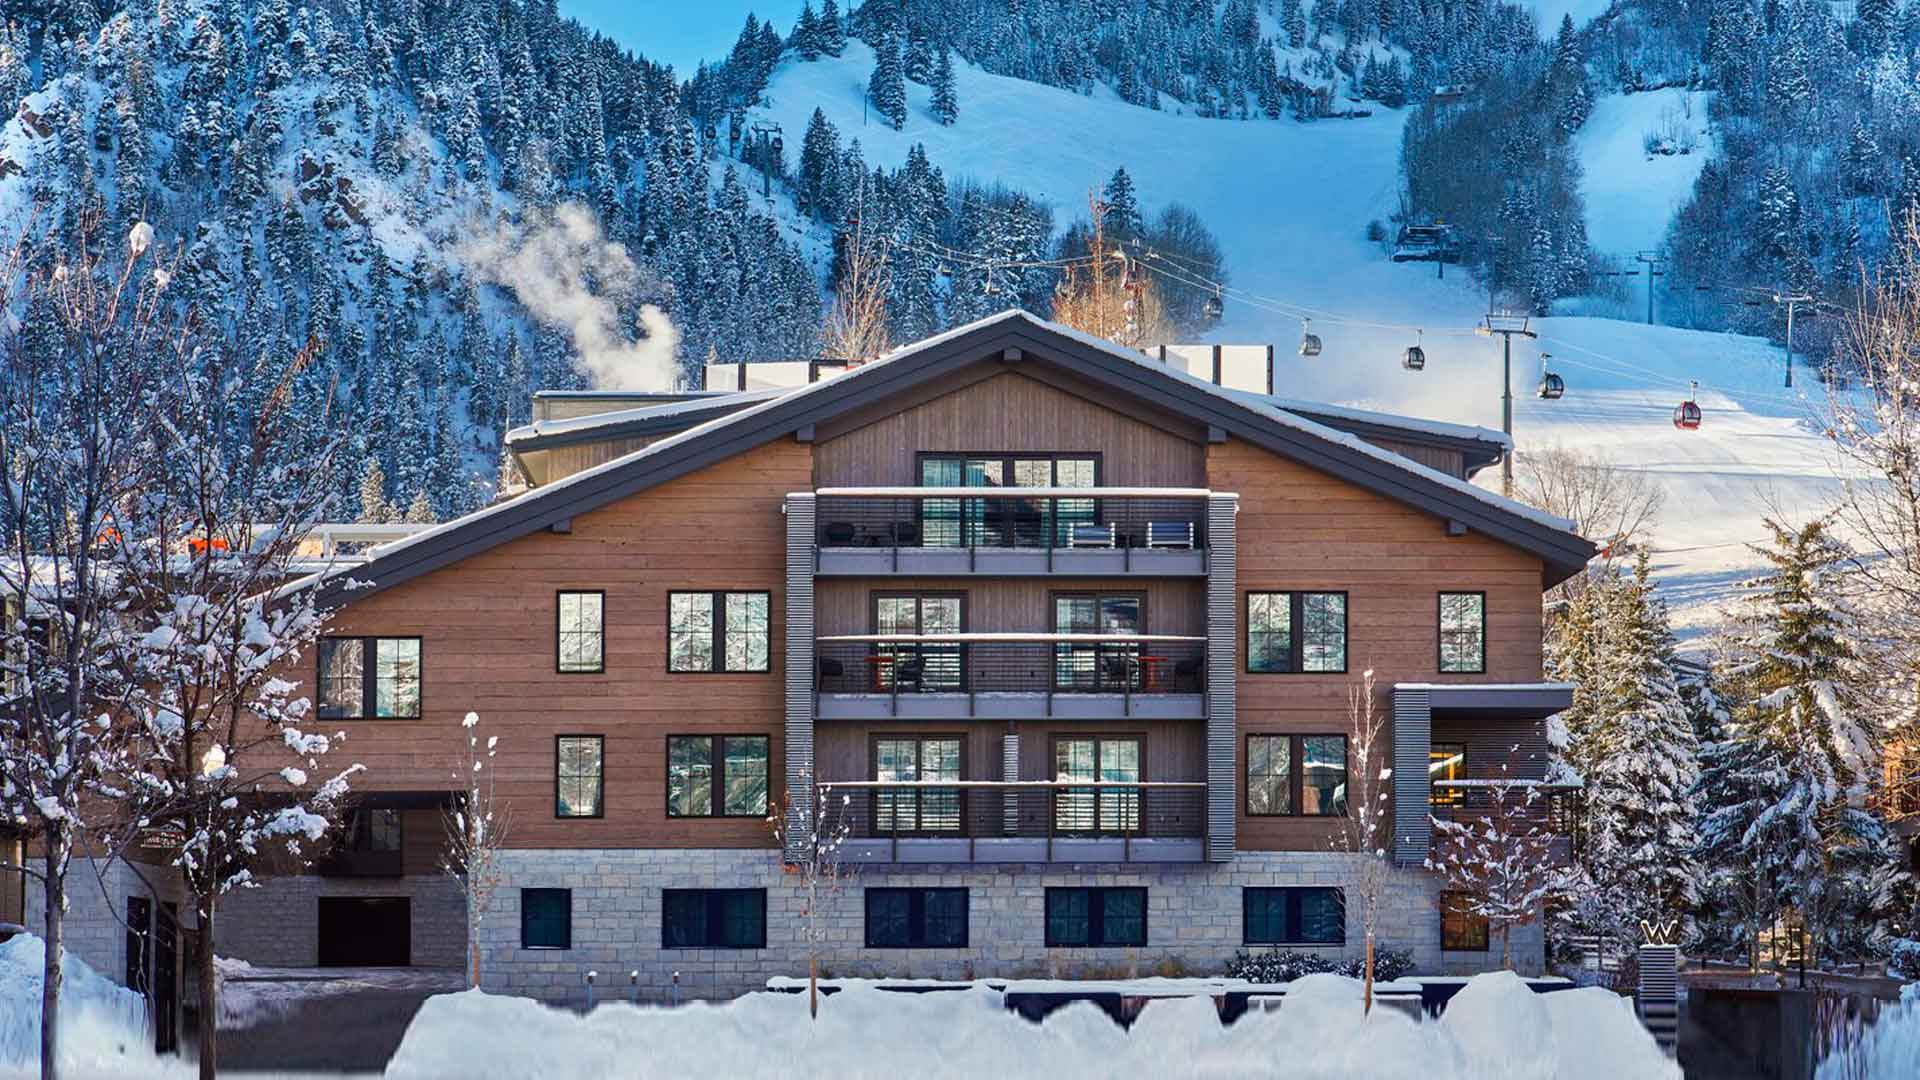 Hotel W Aspen: lujoso paraíso de montaña